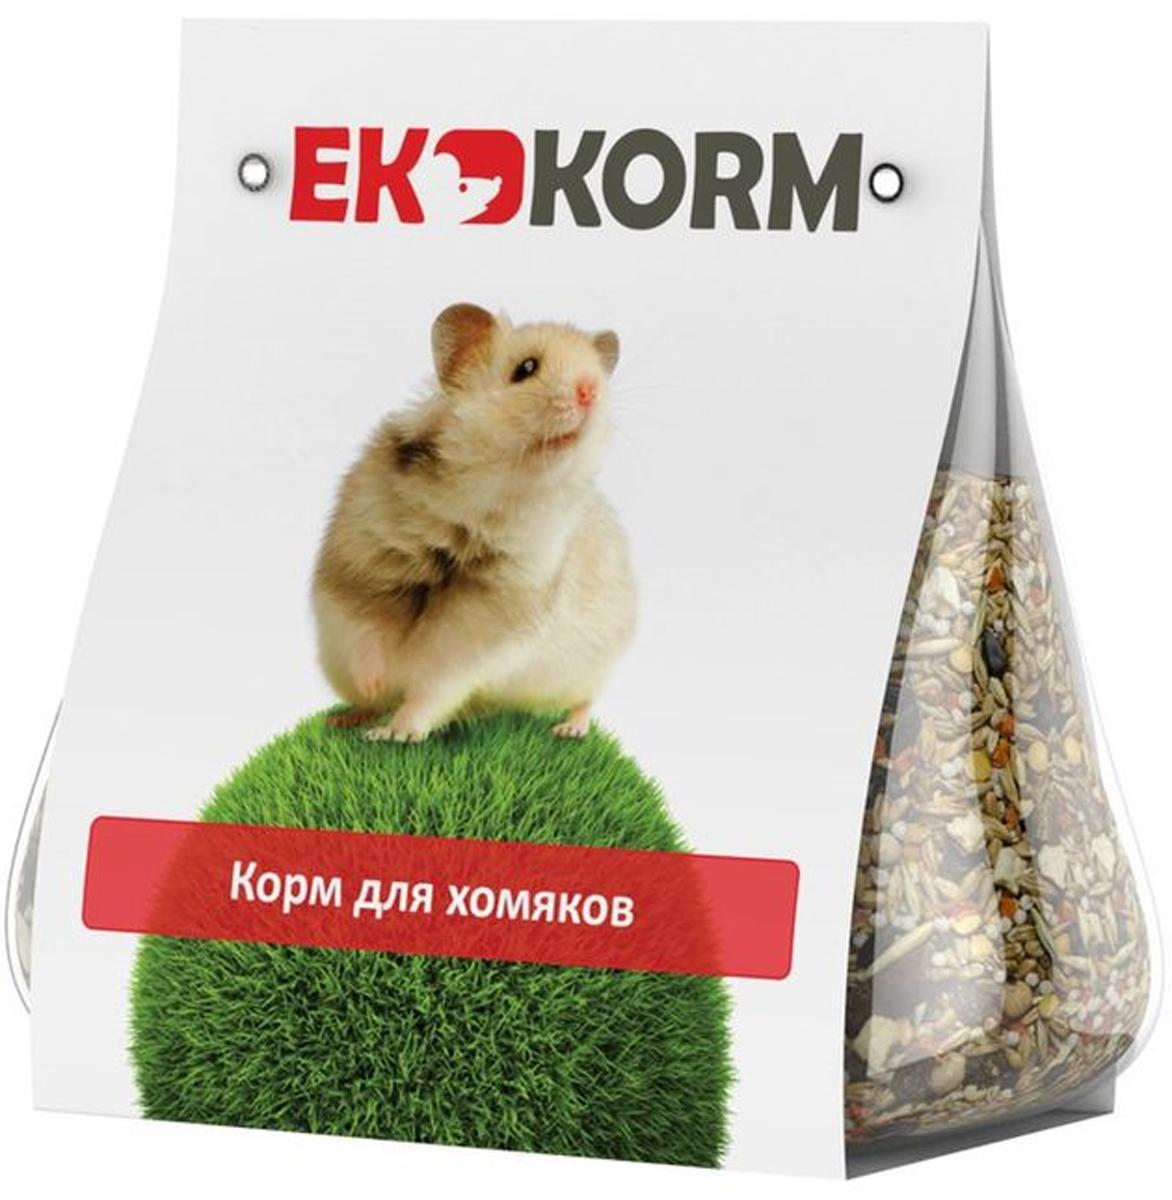 Корм для хомяков Ekkorm, 400 г500404004Корм для хомяков Ekkorm является сбалансированным кормом для всех видов хомяков. Основу рациона для хомяков составляет пшеница, зерна которой прекрасно усваиваются организмом. Воздушный рис богат витаминами группы B, важными для нервной системы хомяков. Чечевица - отличный источник клетчатки, понижает уровень холестерина в крови, улучшая работу кишечника. Изюм содержит большое количество минеральных солей, витаминов и органических кислот, помогает при заболеваниях почек и сердца. Юкка шидигера содержит натуральные вещества для укрепления иммунитета. Состав: пшеница твердая, ячмень, рис воздушный, нут, овес лущеный, чечевица, горох плющенный лущеный, семя подсолнечника черное, очищенный арахис, фундук дробленый, морковь сушеная, яблоко сушеное, изюм, гранулы травяной муки, юкка шидигера, соль йодированная. Пищевая ценность в 100 г продукта: сырой протеин - не менее 11,5 г, сырой жир - не более 6,0 г, сырая клетчатка - не более 7,5 г, влага - не...